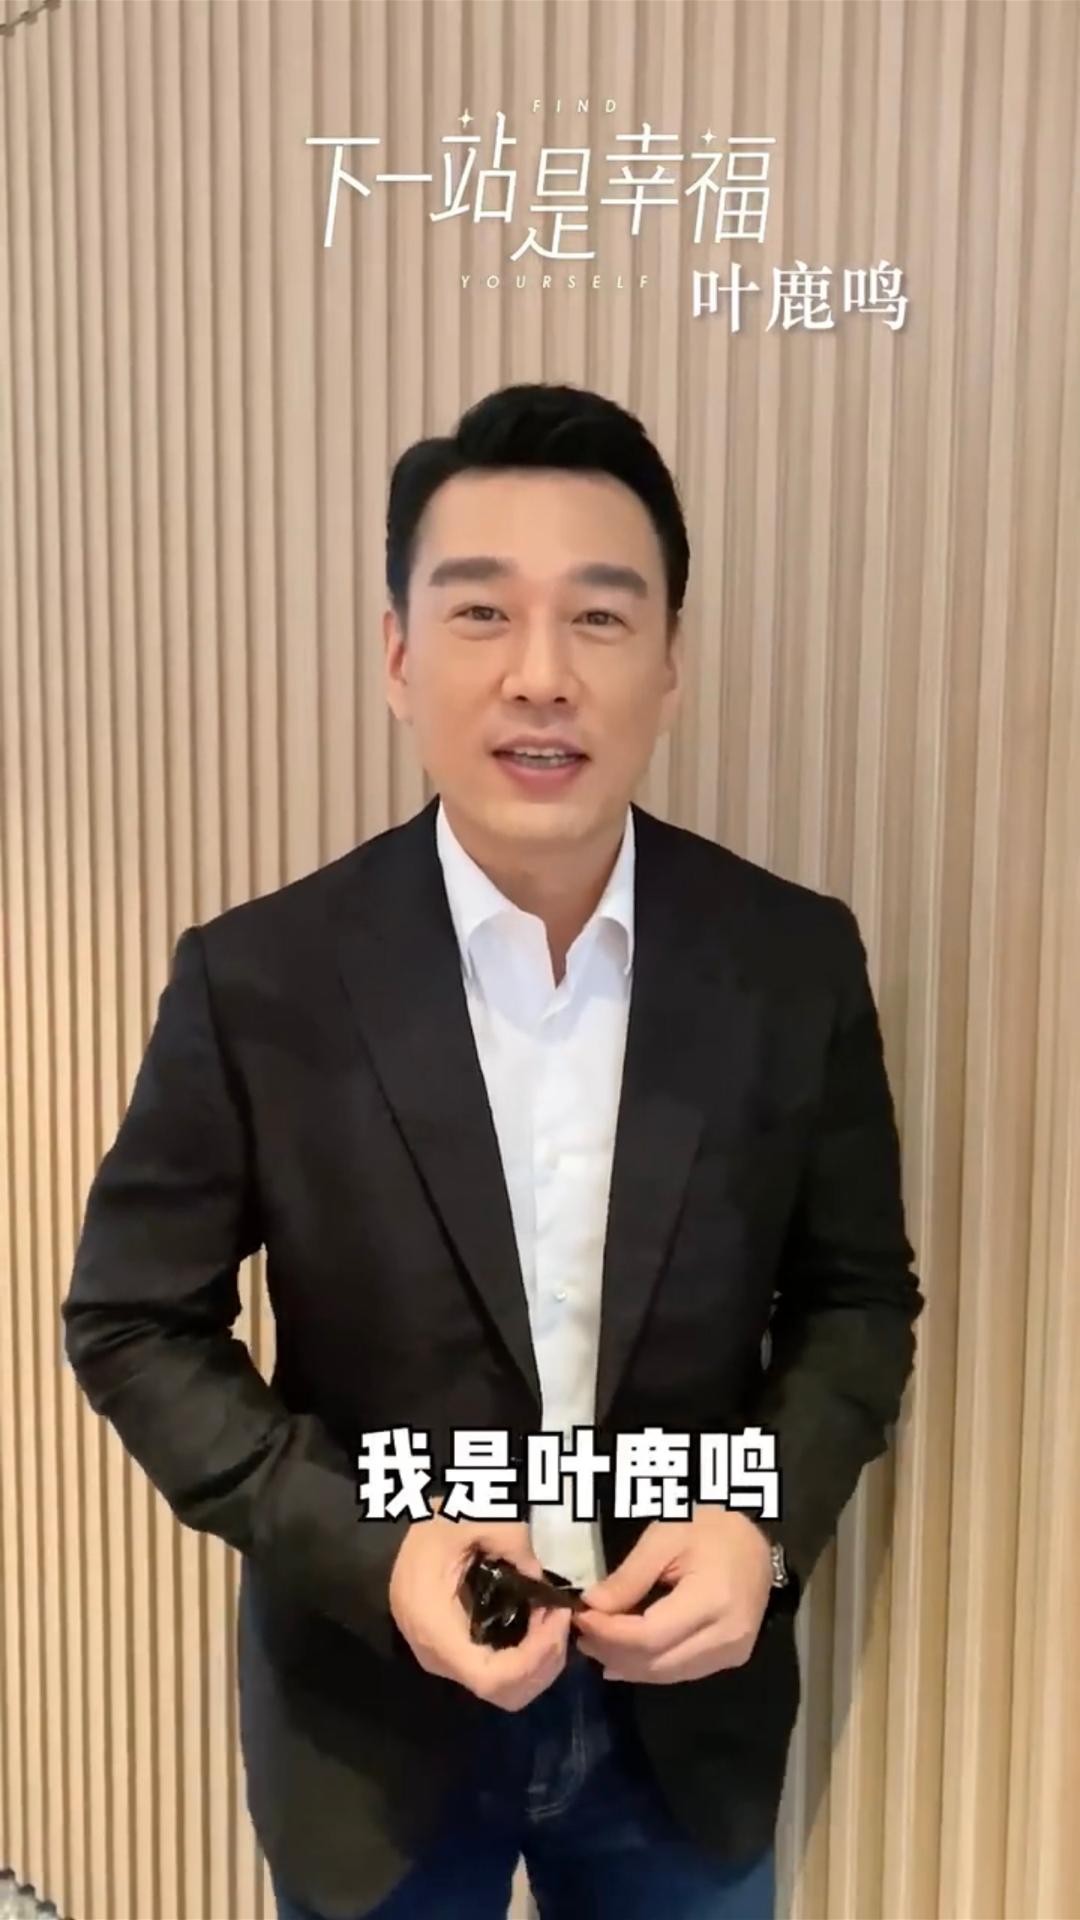 王耀庆给自己送生日祝福,哈哈哈哈哈哈哈哈哈怎么会这么好笑啊